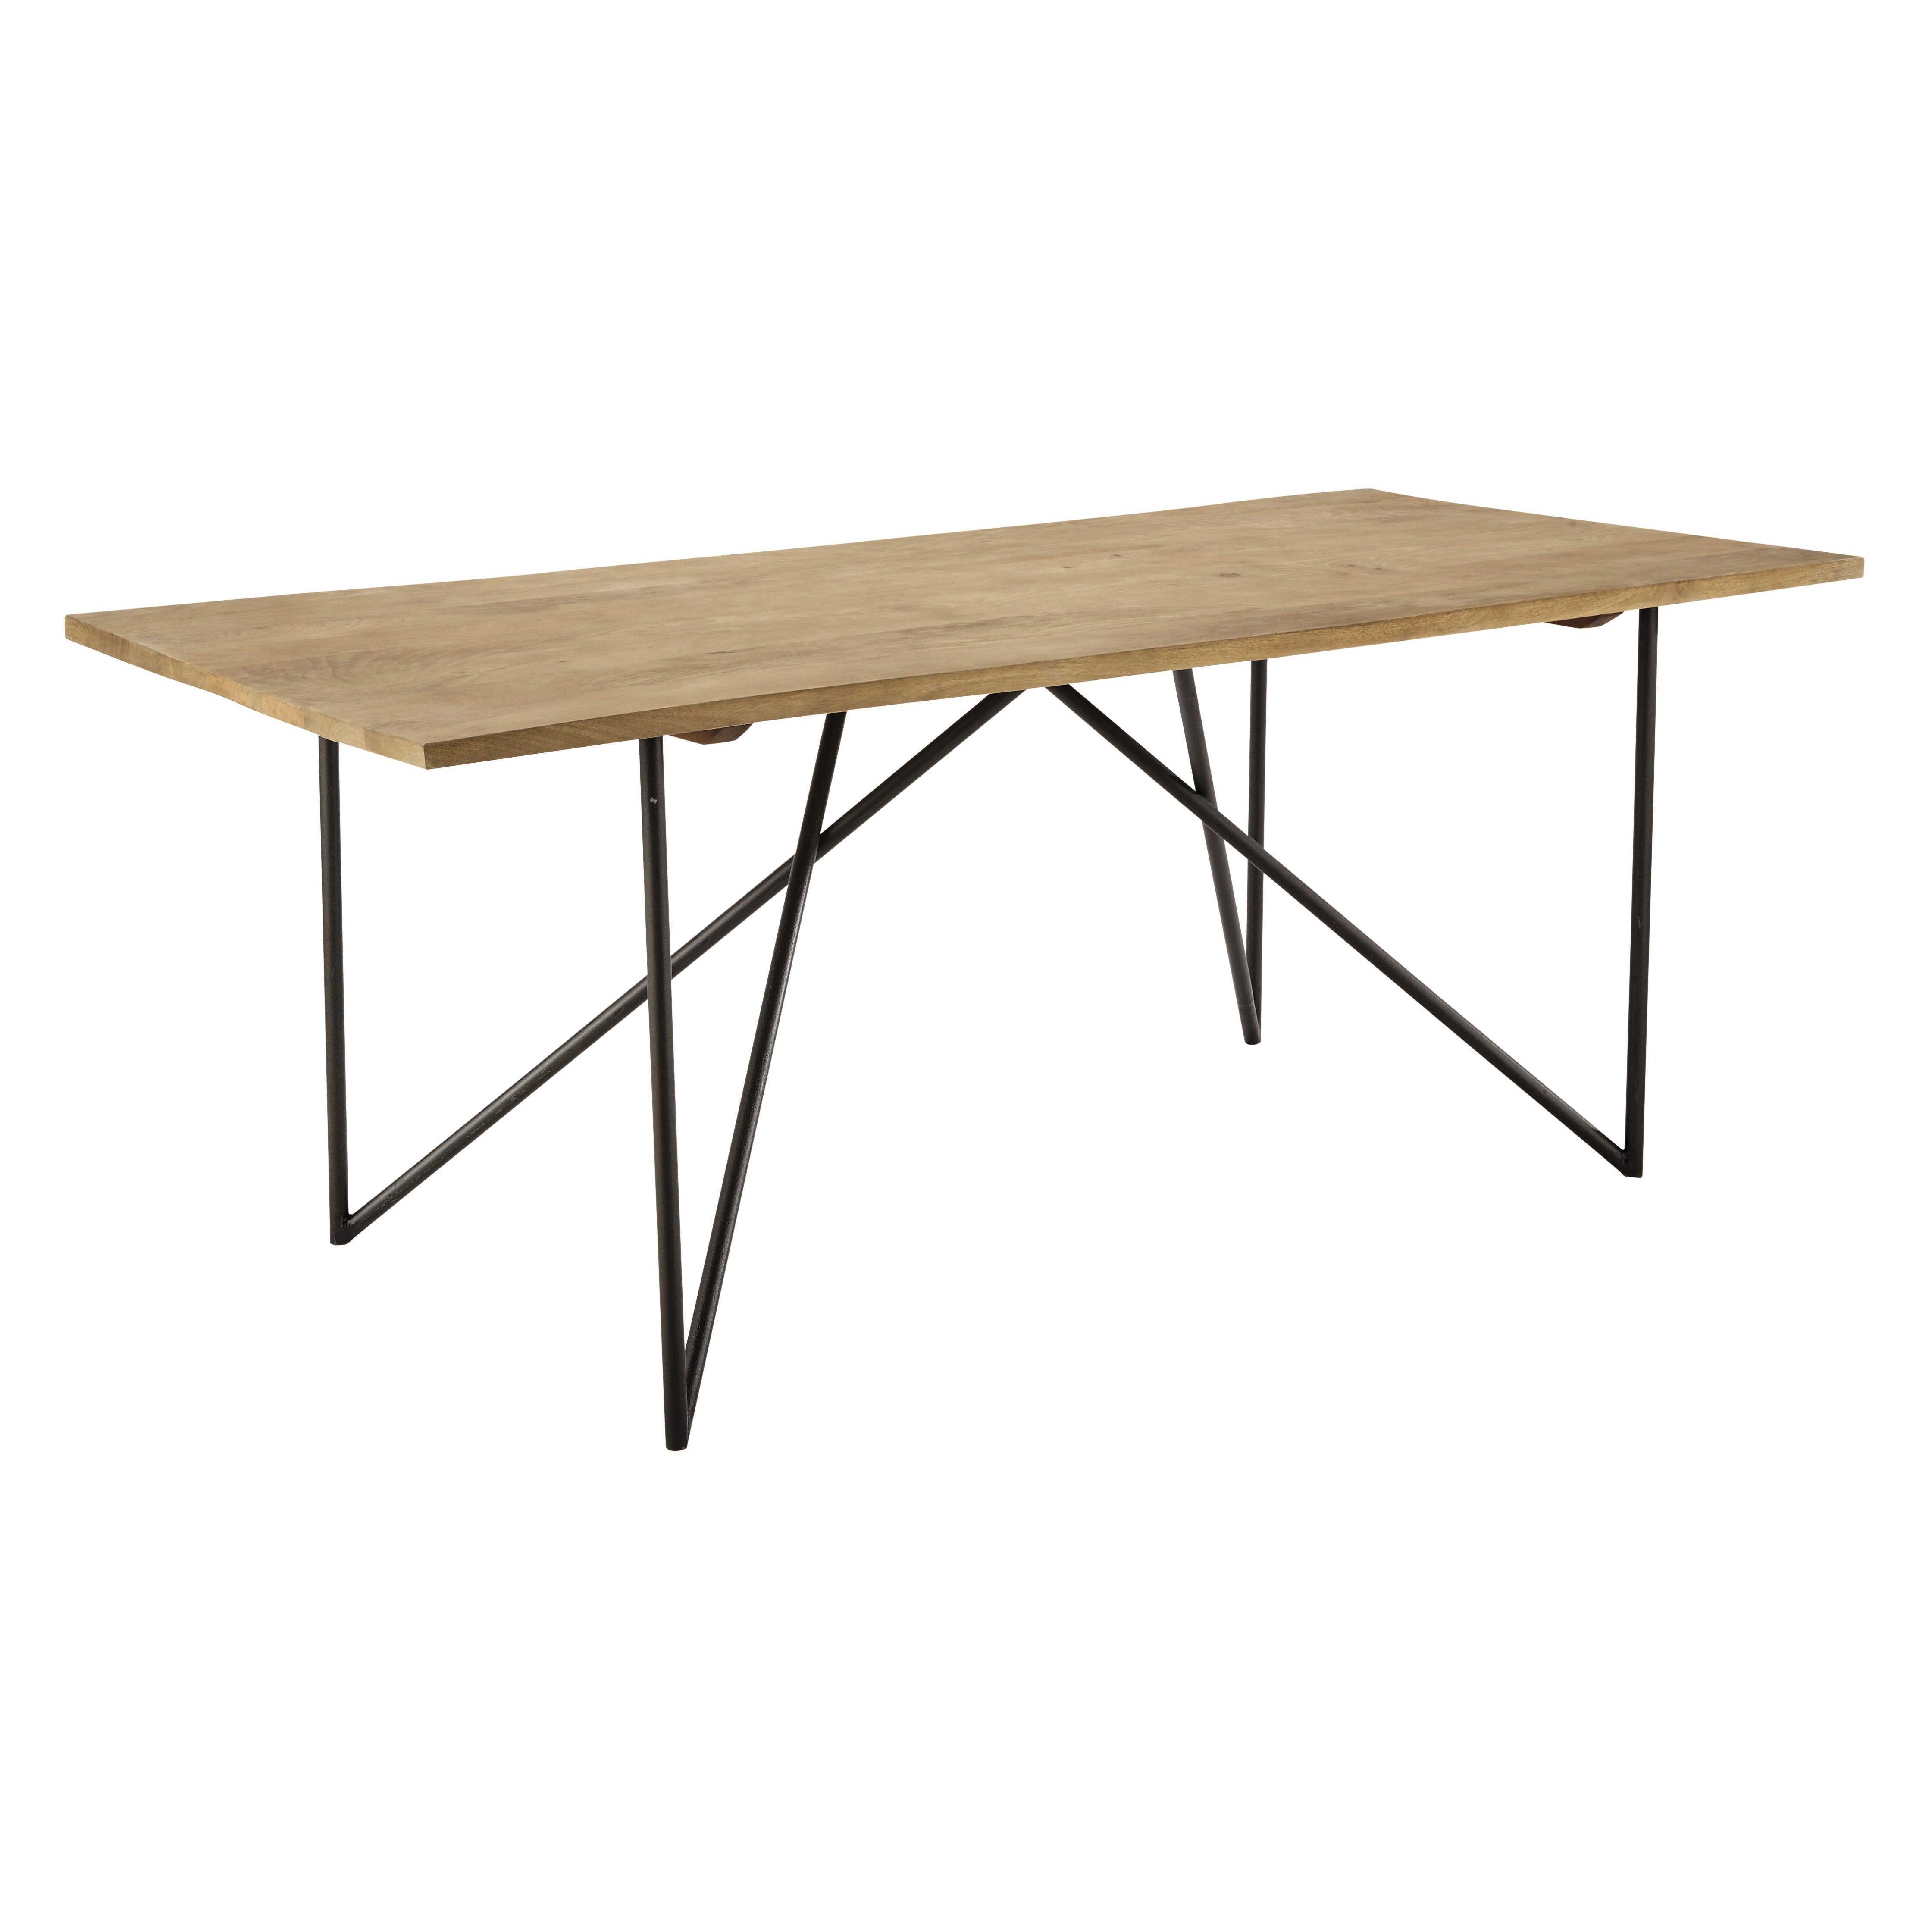 esstisch aus massivem mangoholz b200 home pinterest esstisch tisch und esszimmer. Black Bedroom Furniture Sets. Home Design Ideas